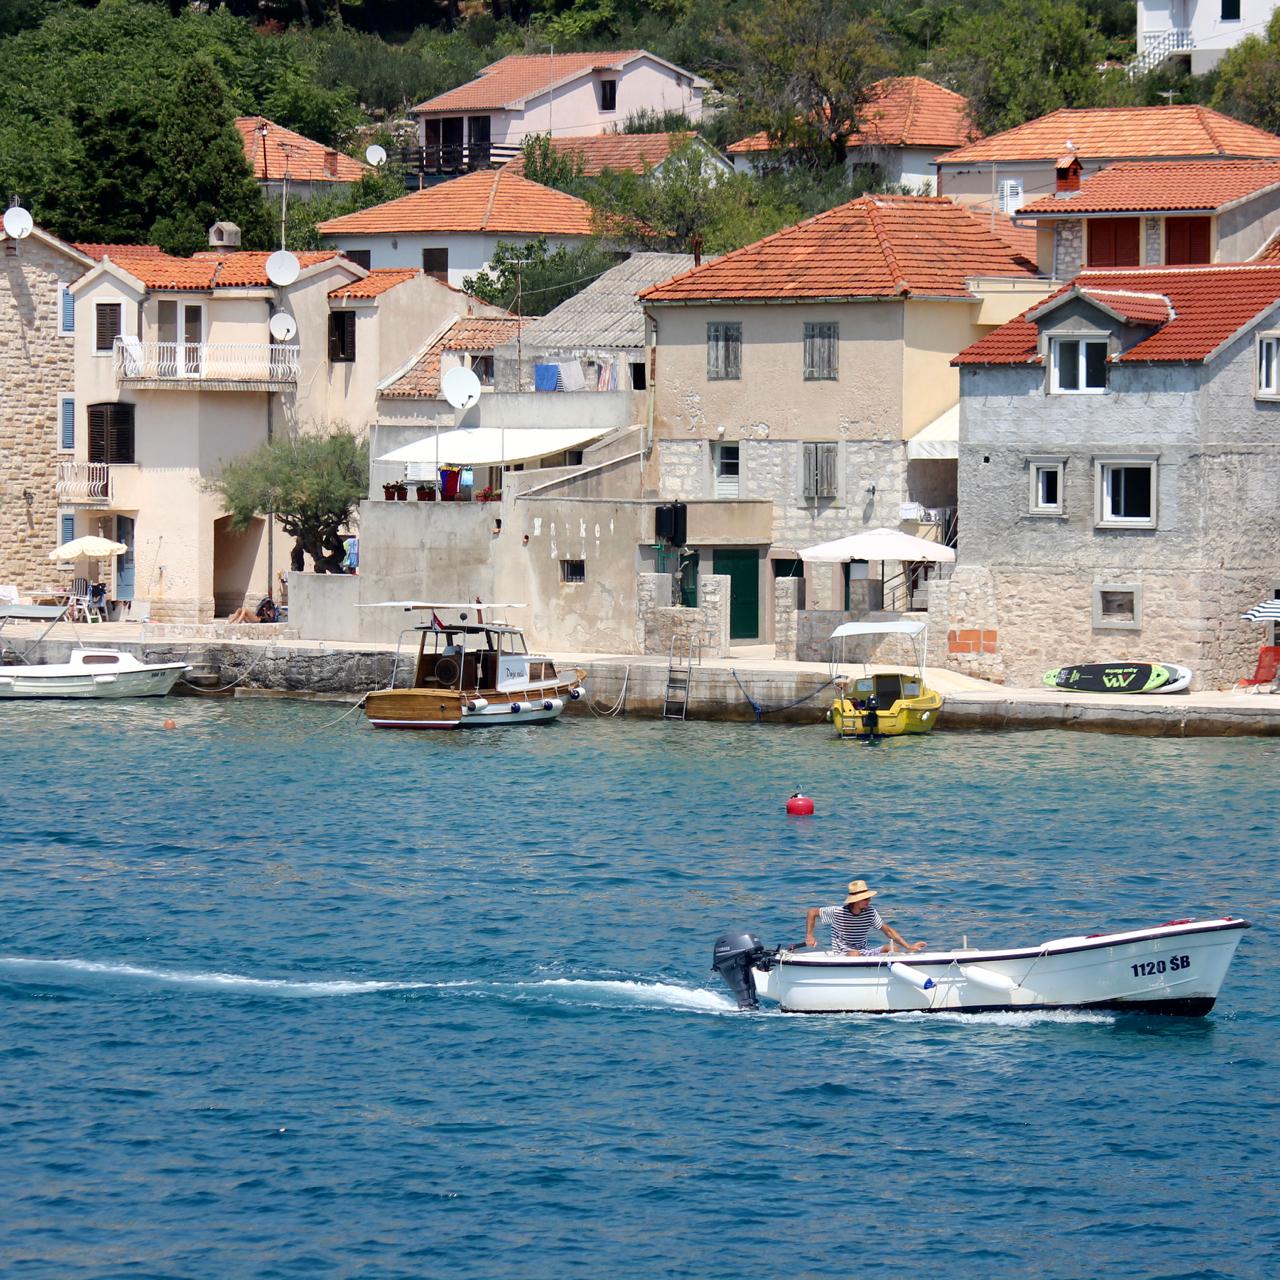 Prvic, Croatia - 3